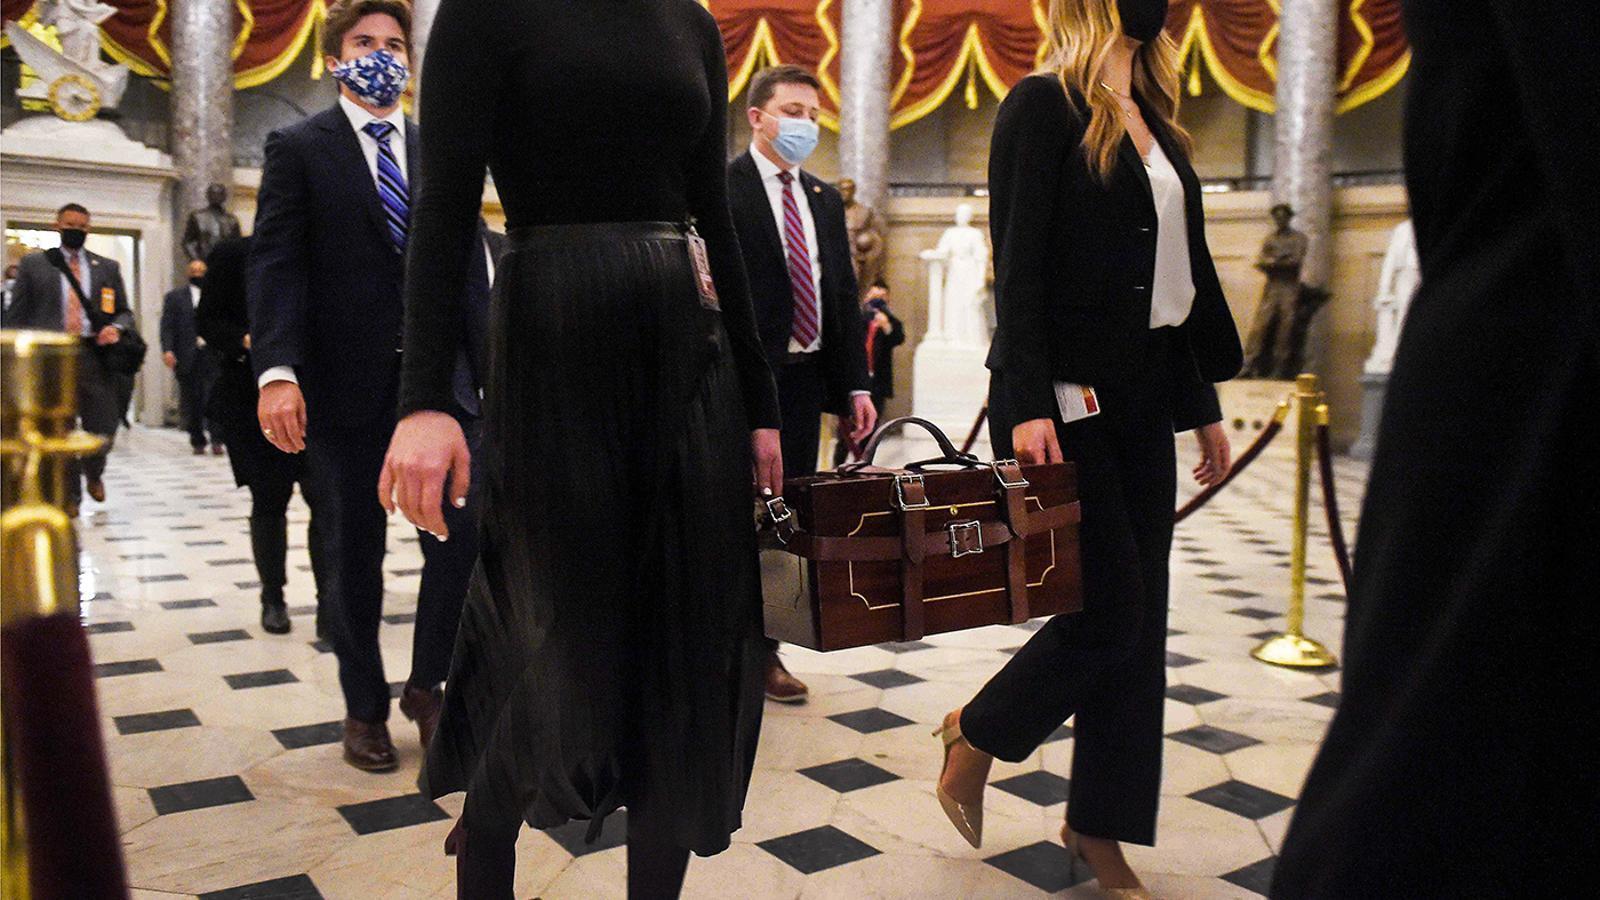 Porten les urnes de votació per fer la ratificació al Senat del Capitoli